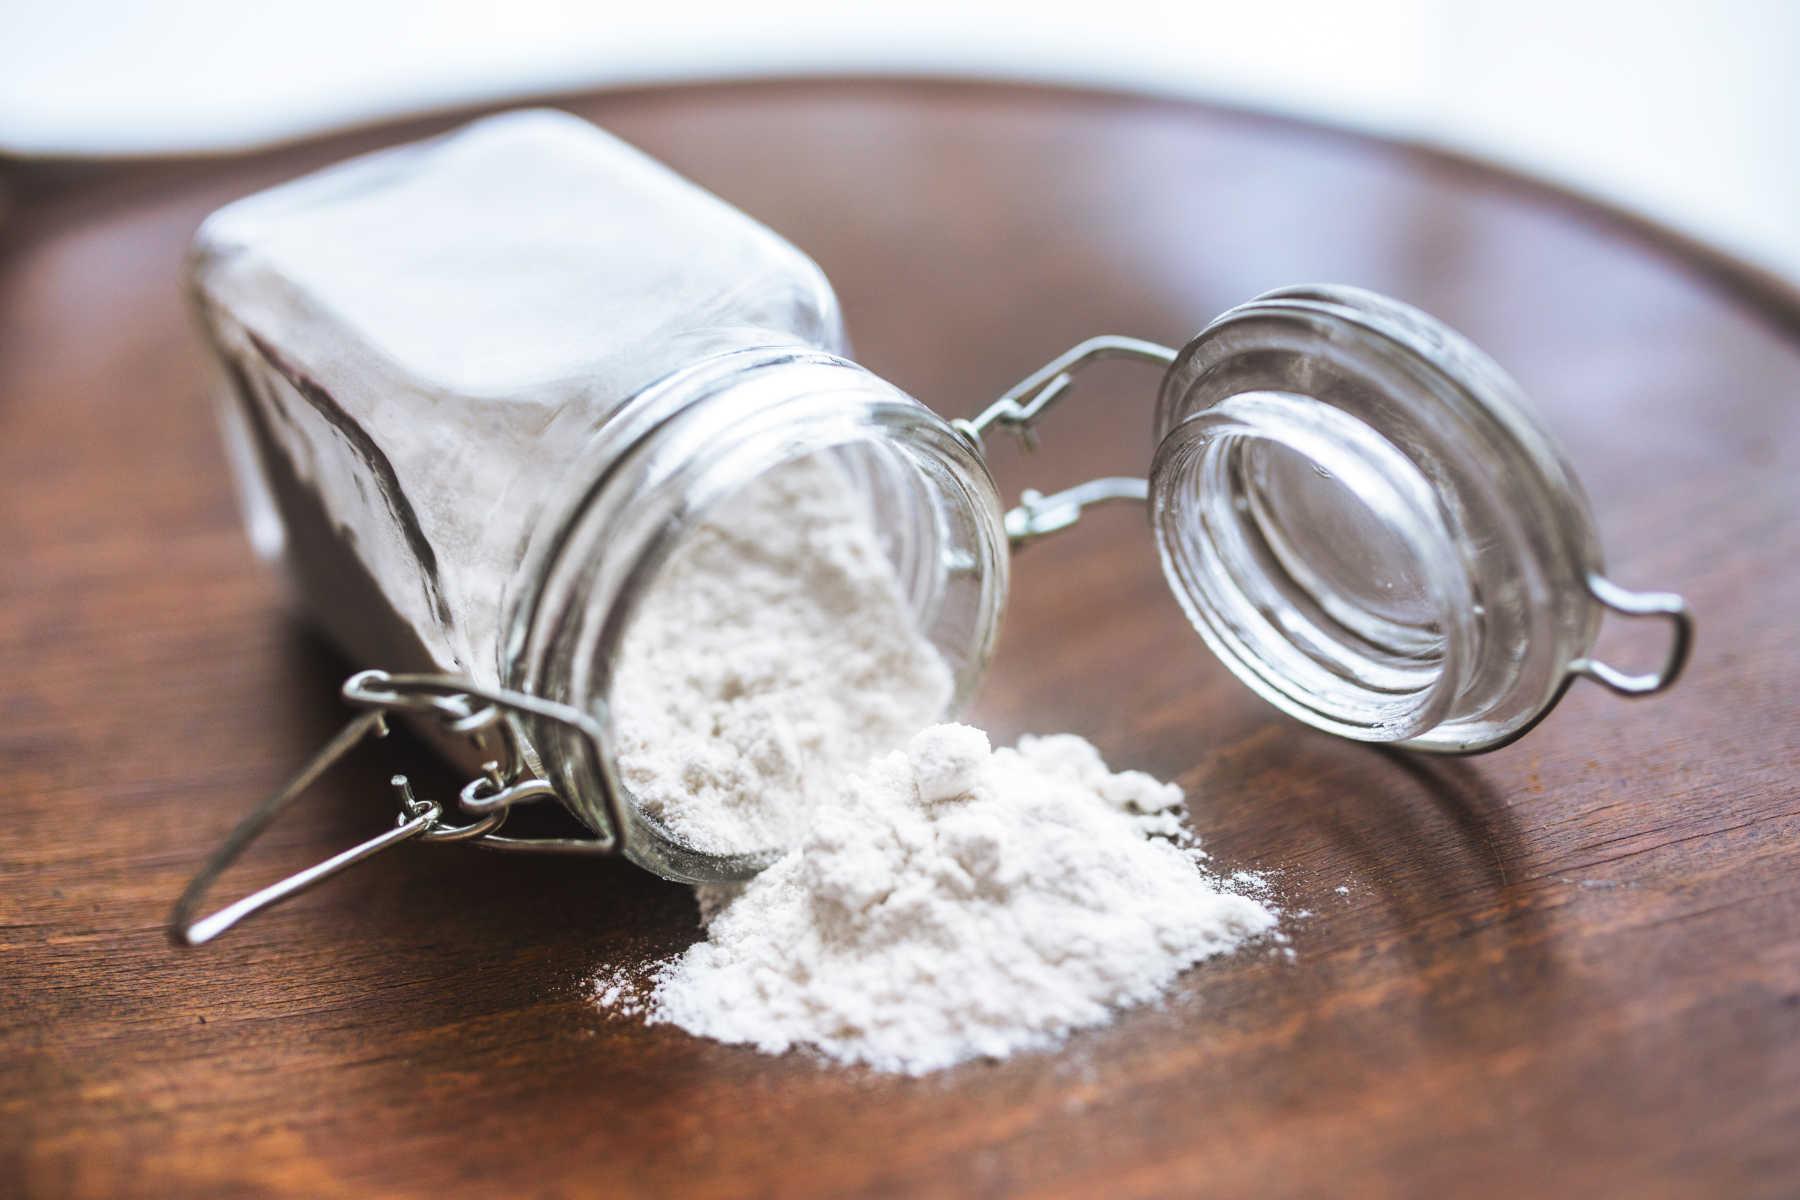 L'industrie du sucre a dissimulé des preuves des effets sur la santé du saccharose depuis 50 ans